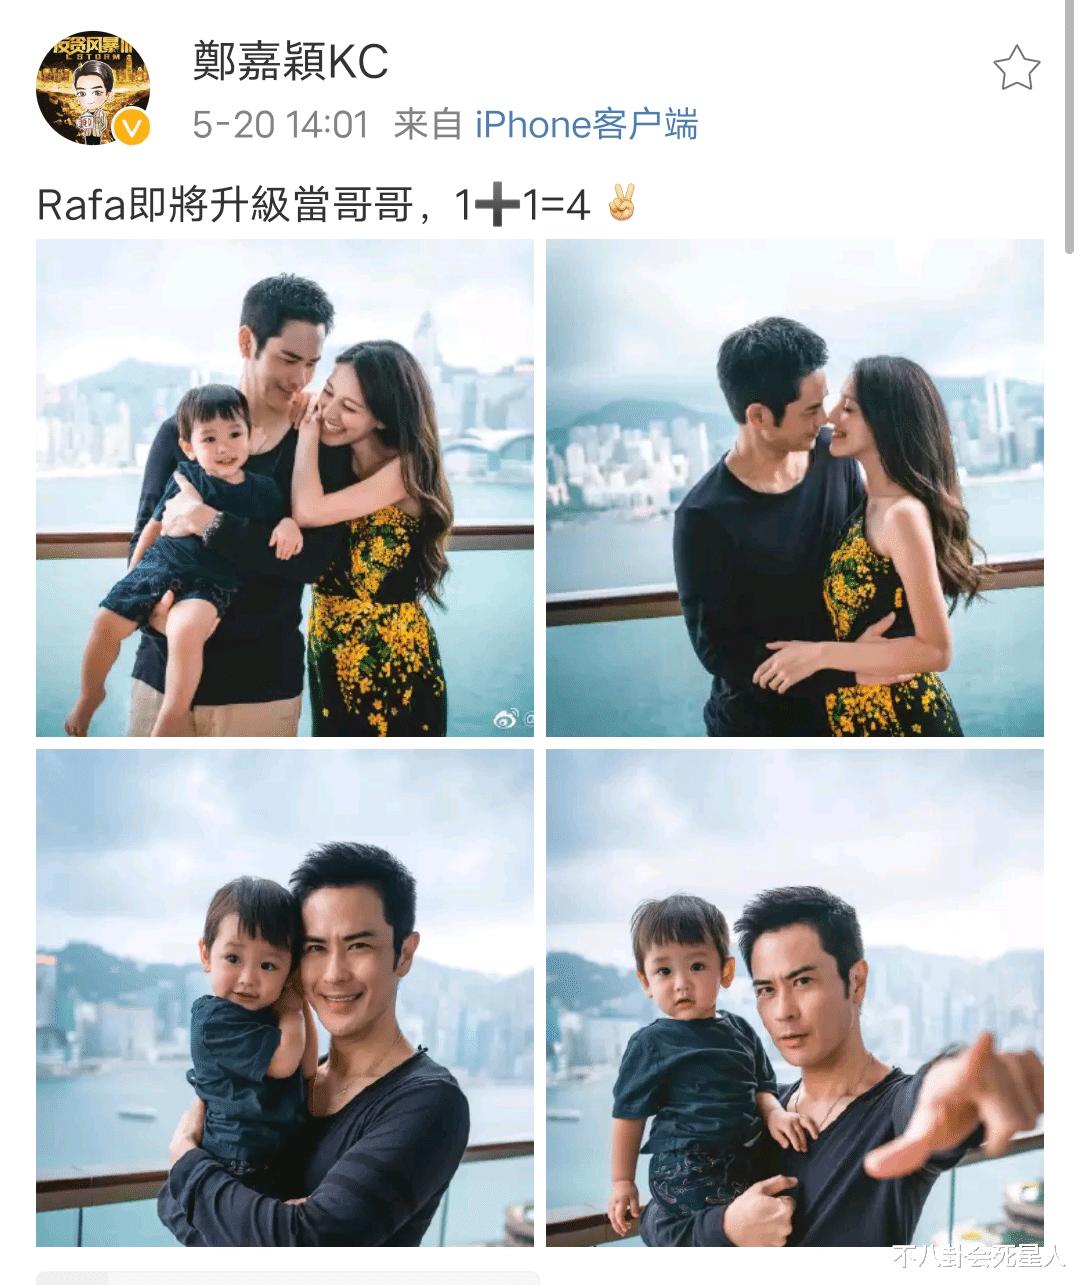 郑嘉颖十任女友无缝对接,成港圈花心大萝卜,今51岁再得一子